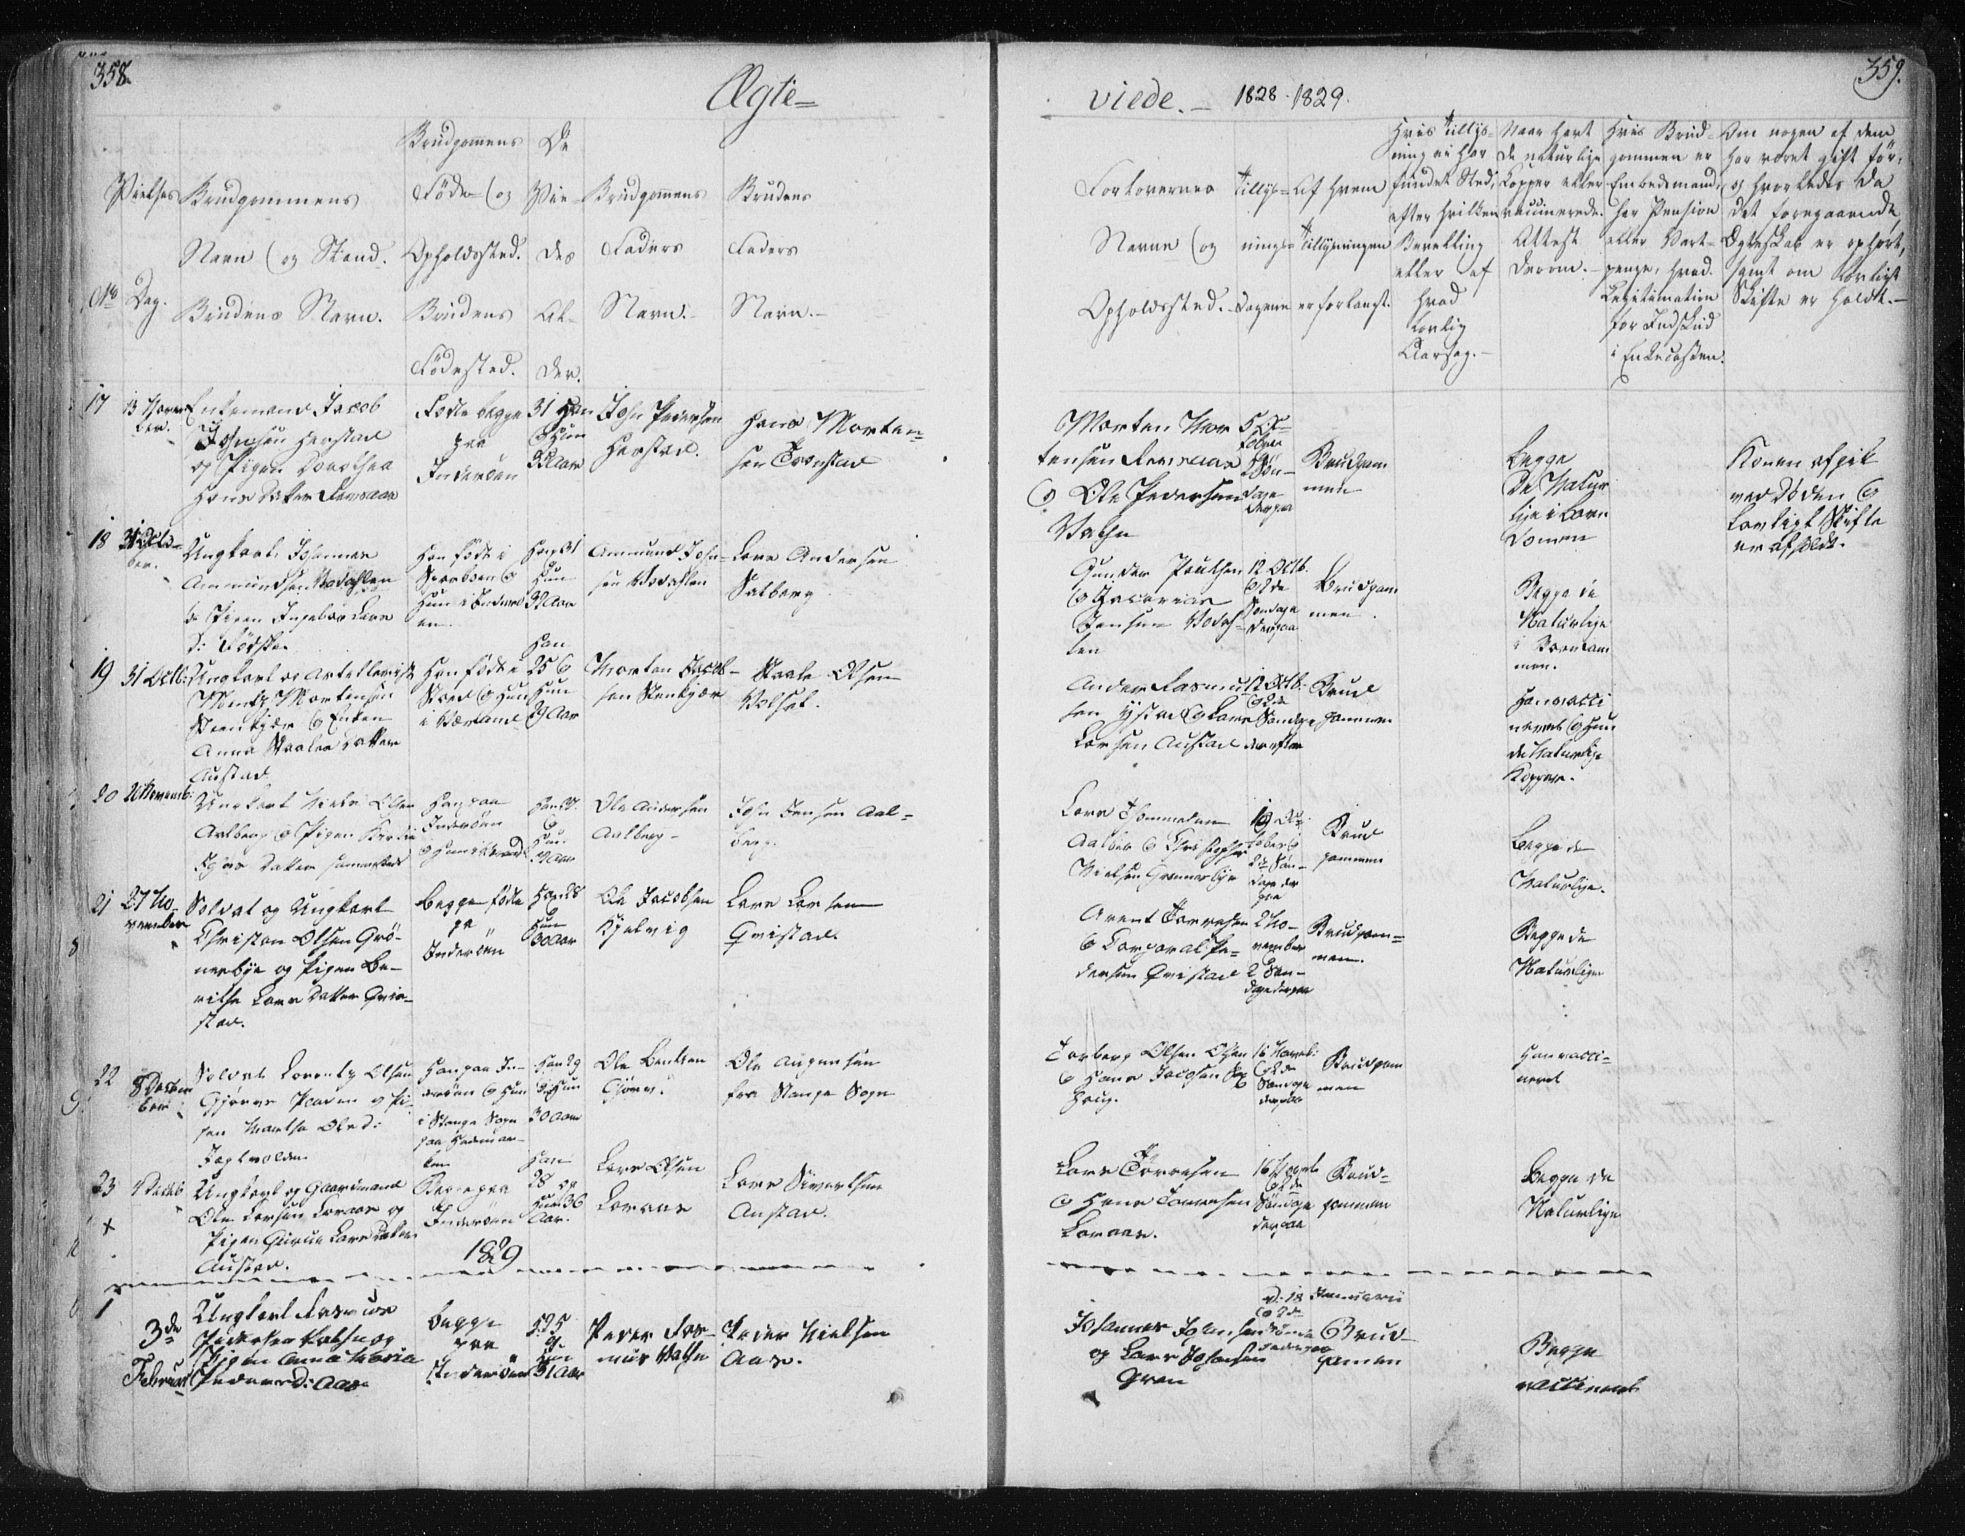 SAT, Ministerialprotokoller, klokkerbøker og fødselsregistre - Nord-Trøndelag, 730/L0276: Ministerialbok nr. 730A05, 1822-1830, s. 358-359